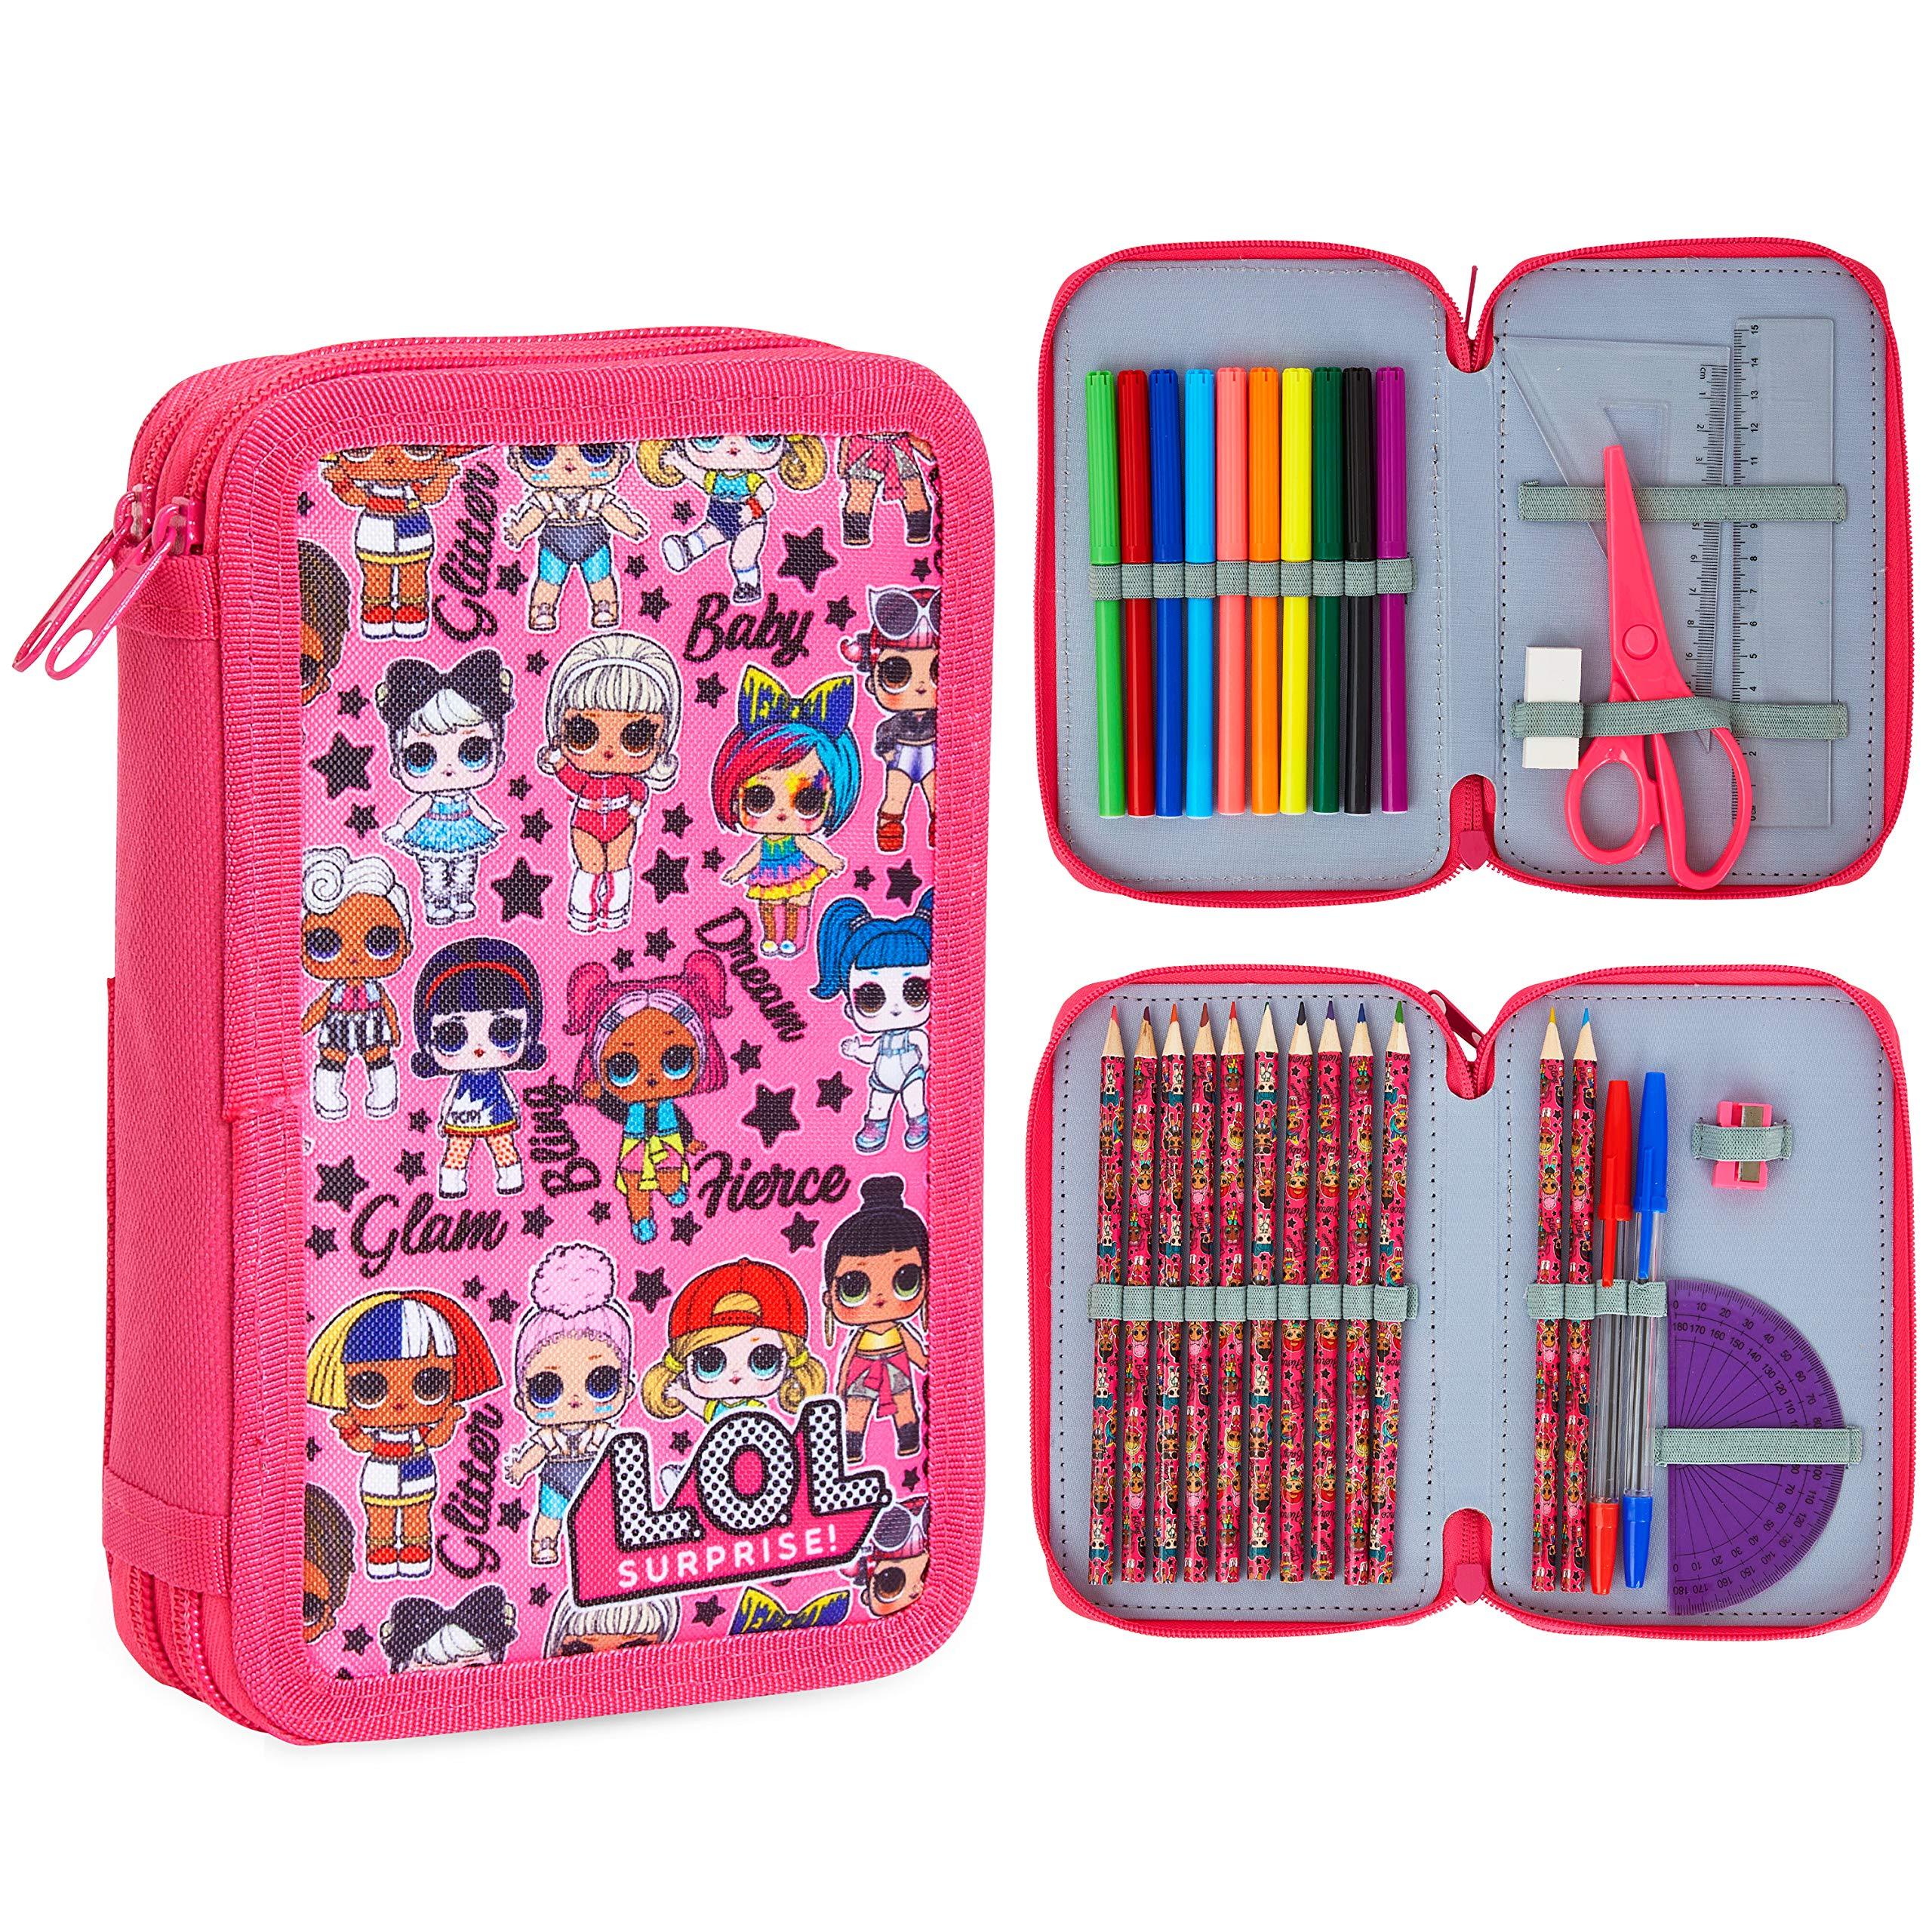 L.O.L. Surprise! Estuche con relleno, lápices de colores y bolígrafos para niños: Amazon.es: Oficina y papelería